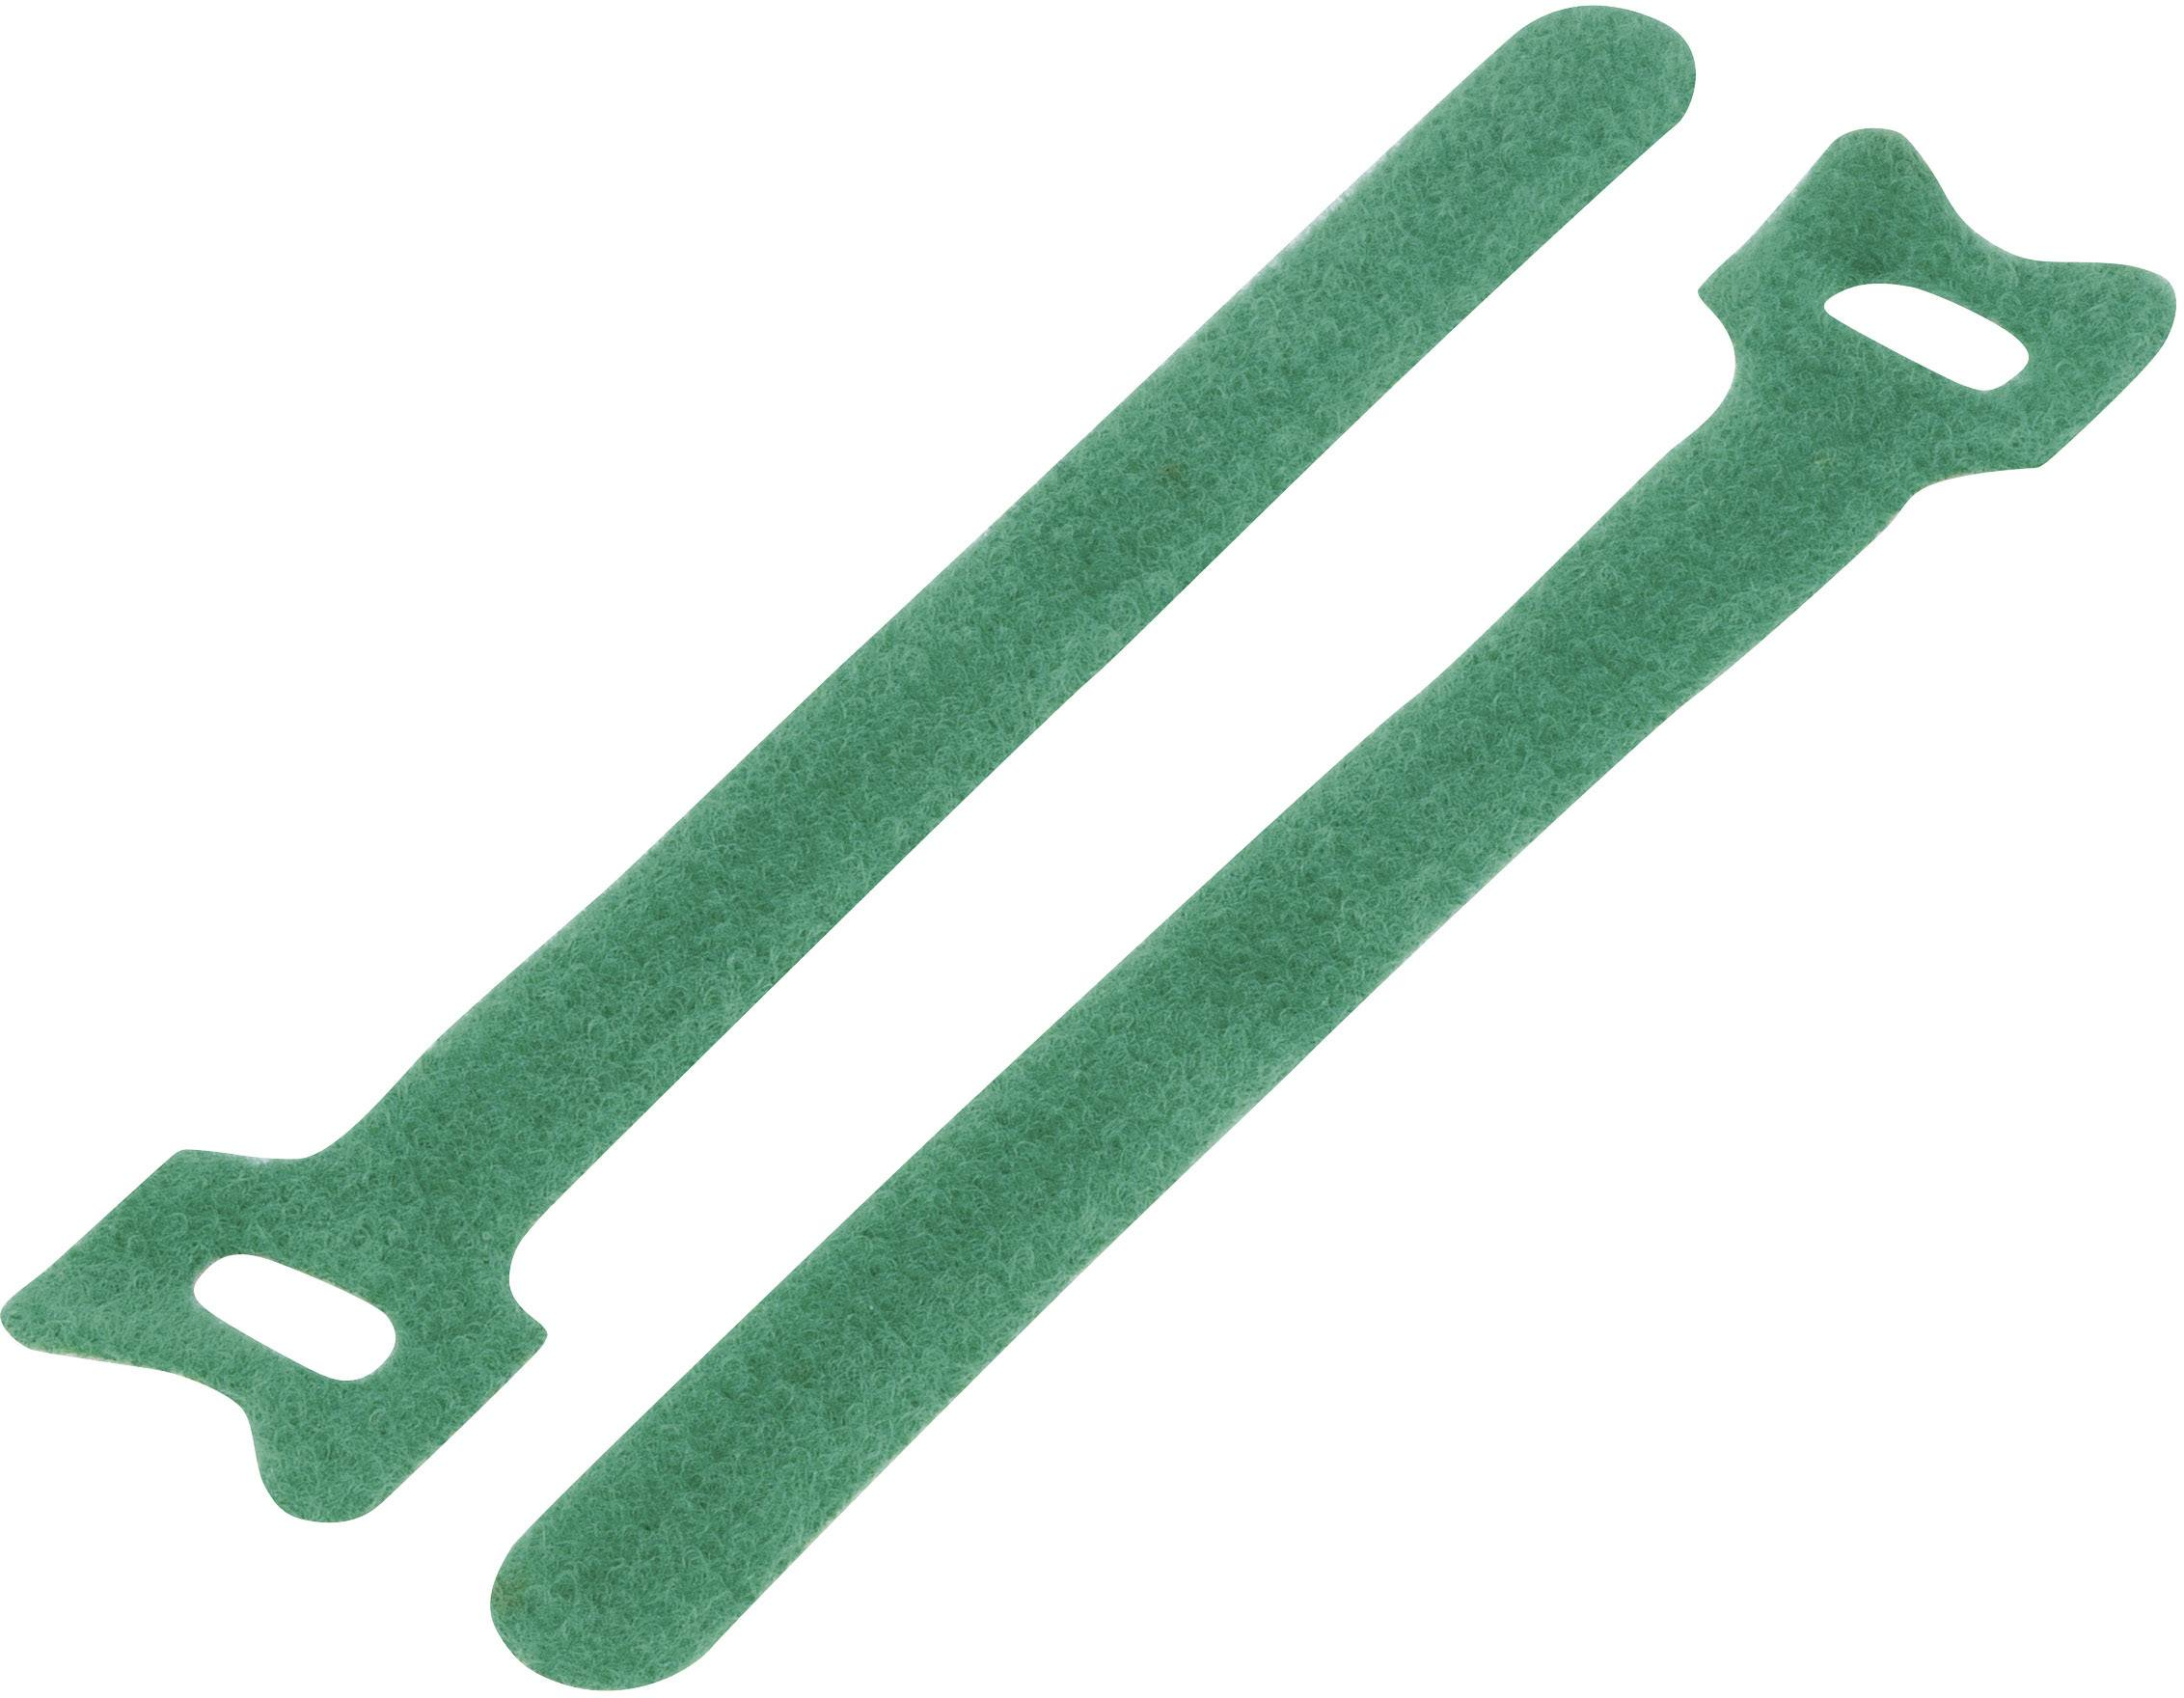 Káblový manažér na suchý zips KSS MGT-125GN, (d x š) 125 mm x 12 mm, zelená, 1 ks